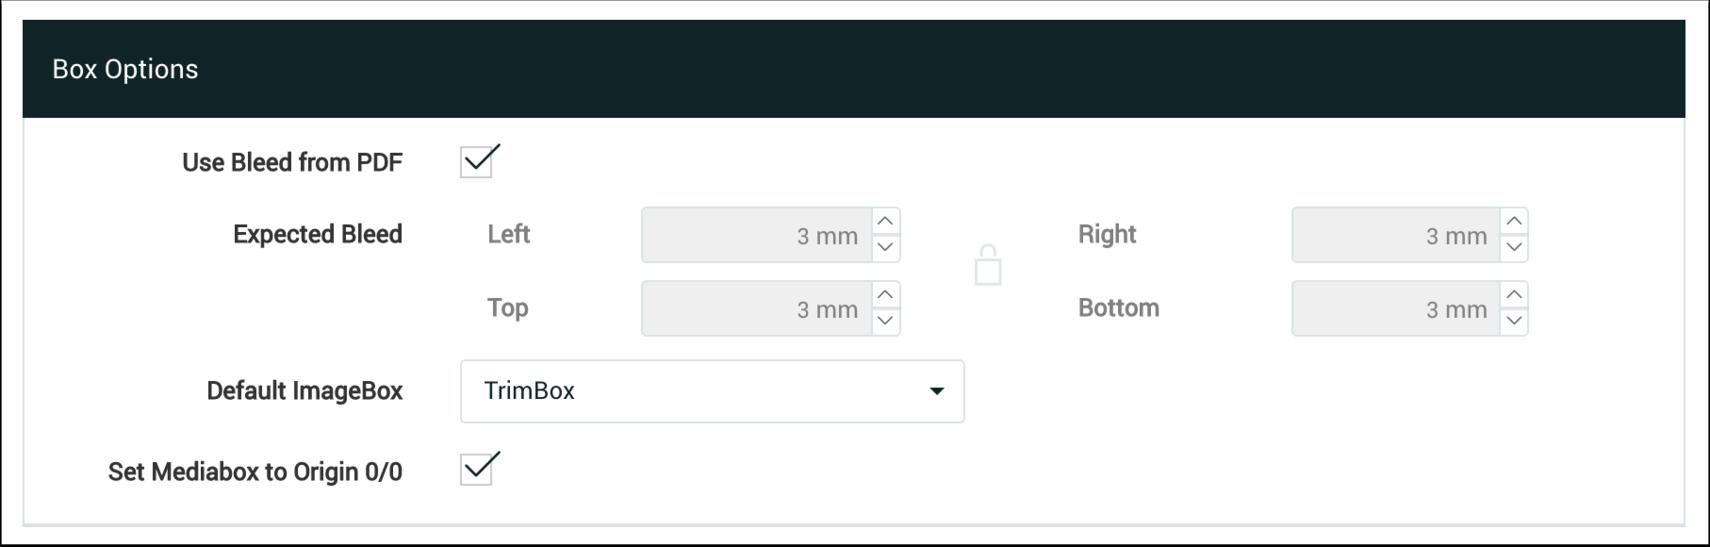 Box Options